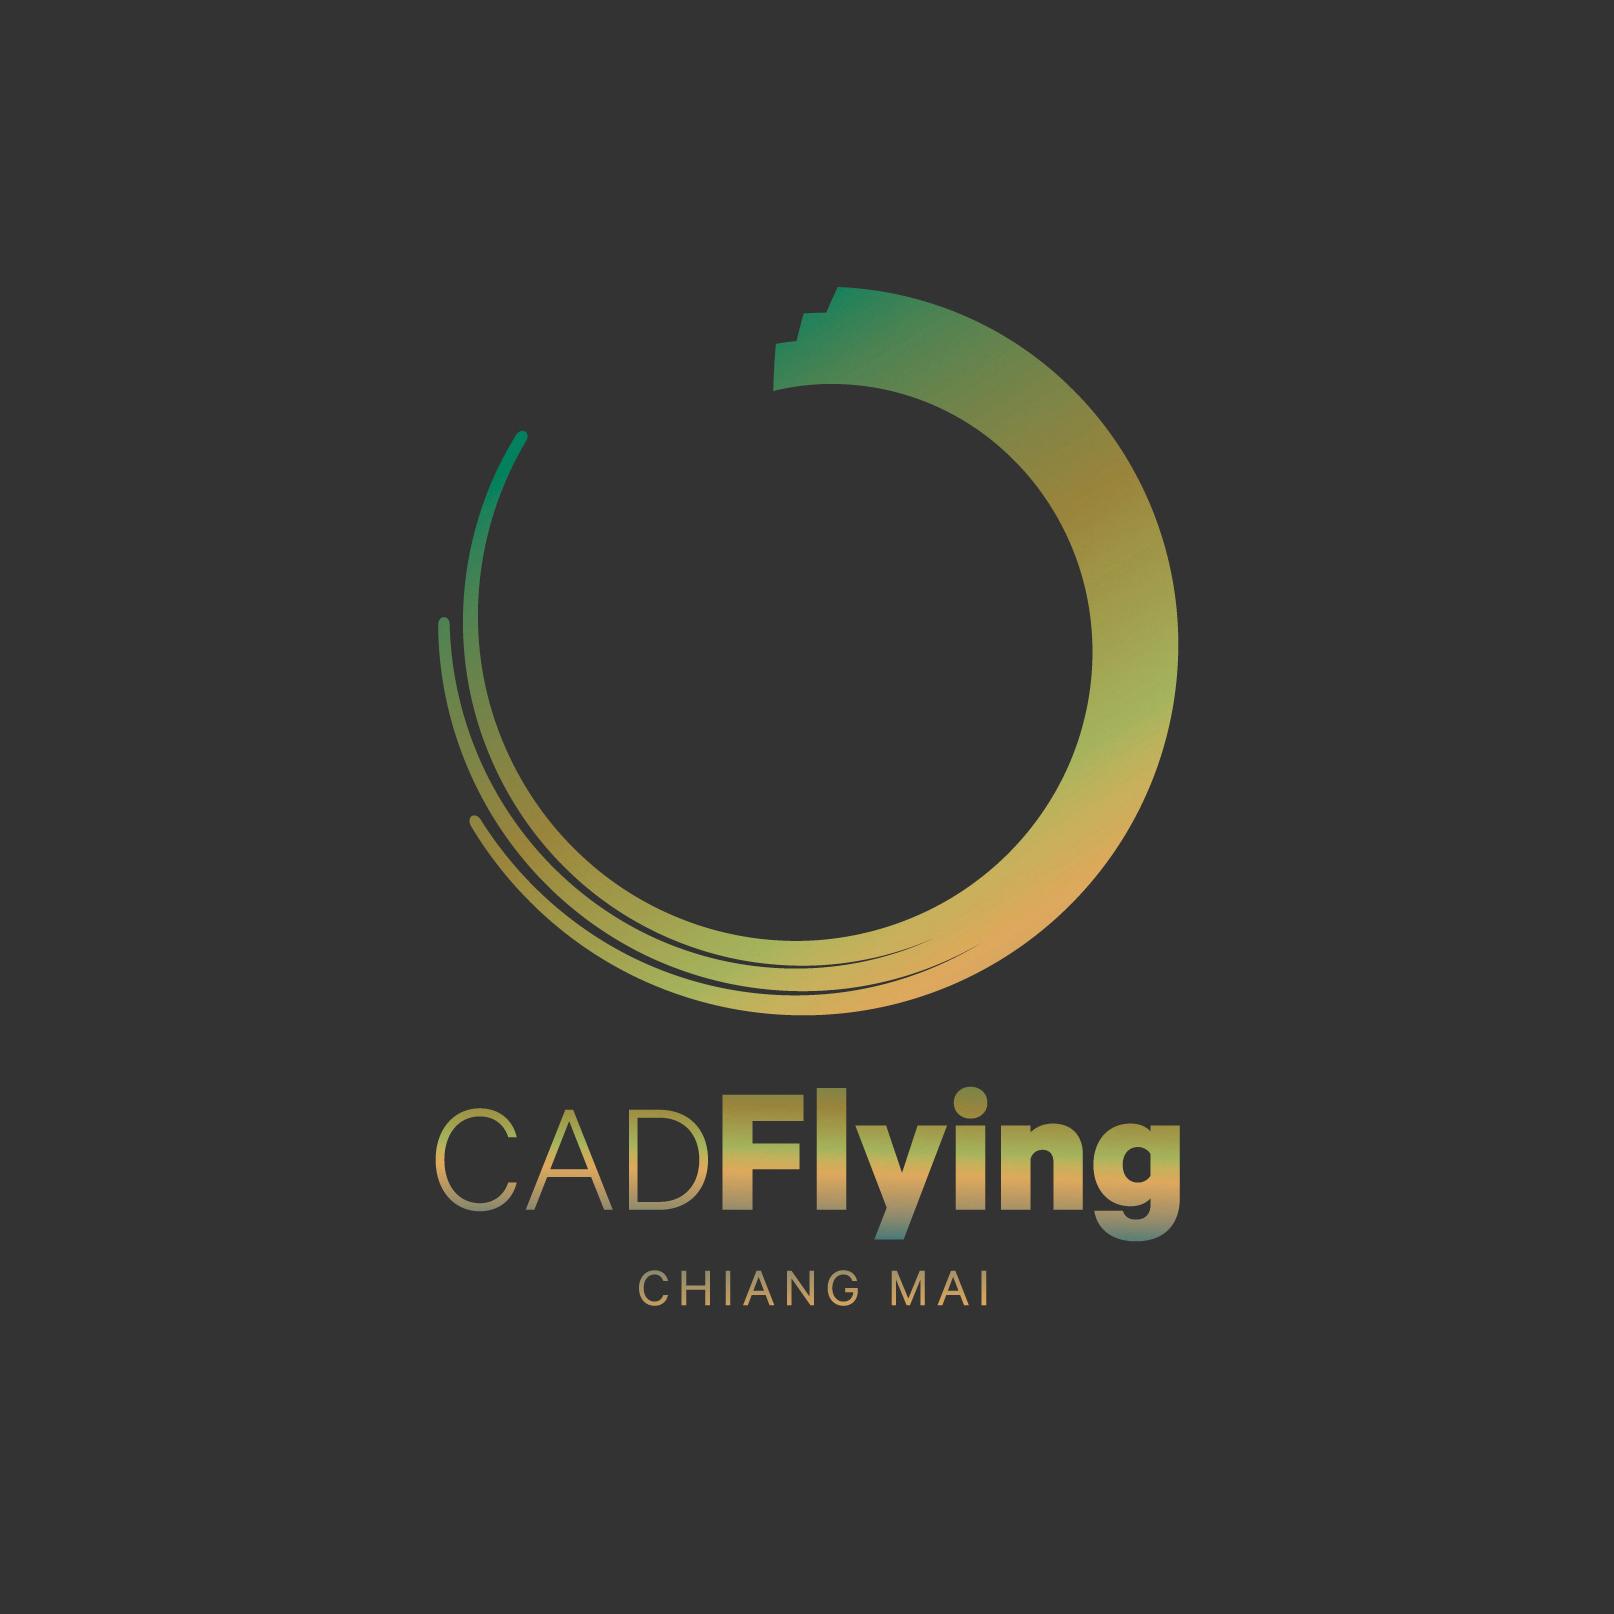 โลโก้ Cad Flying